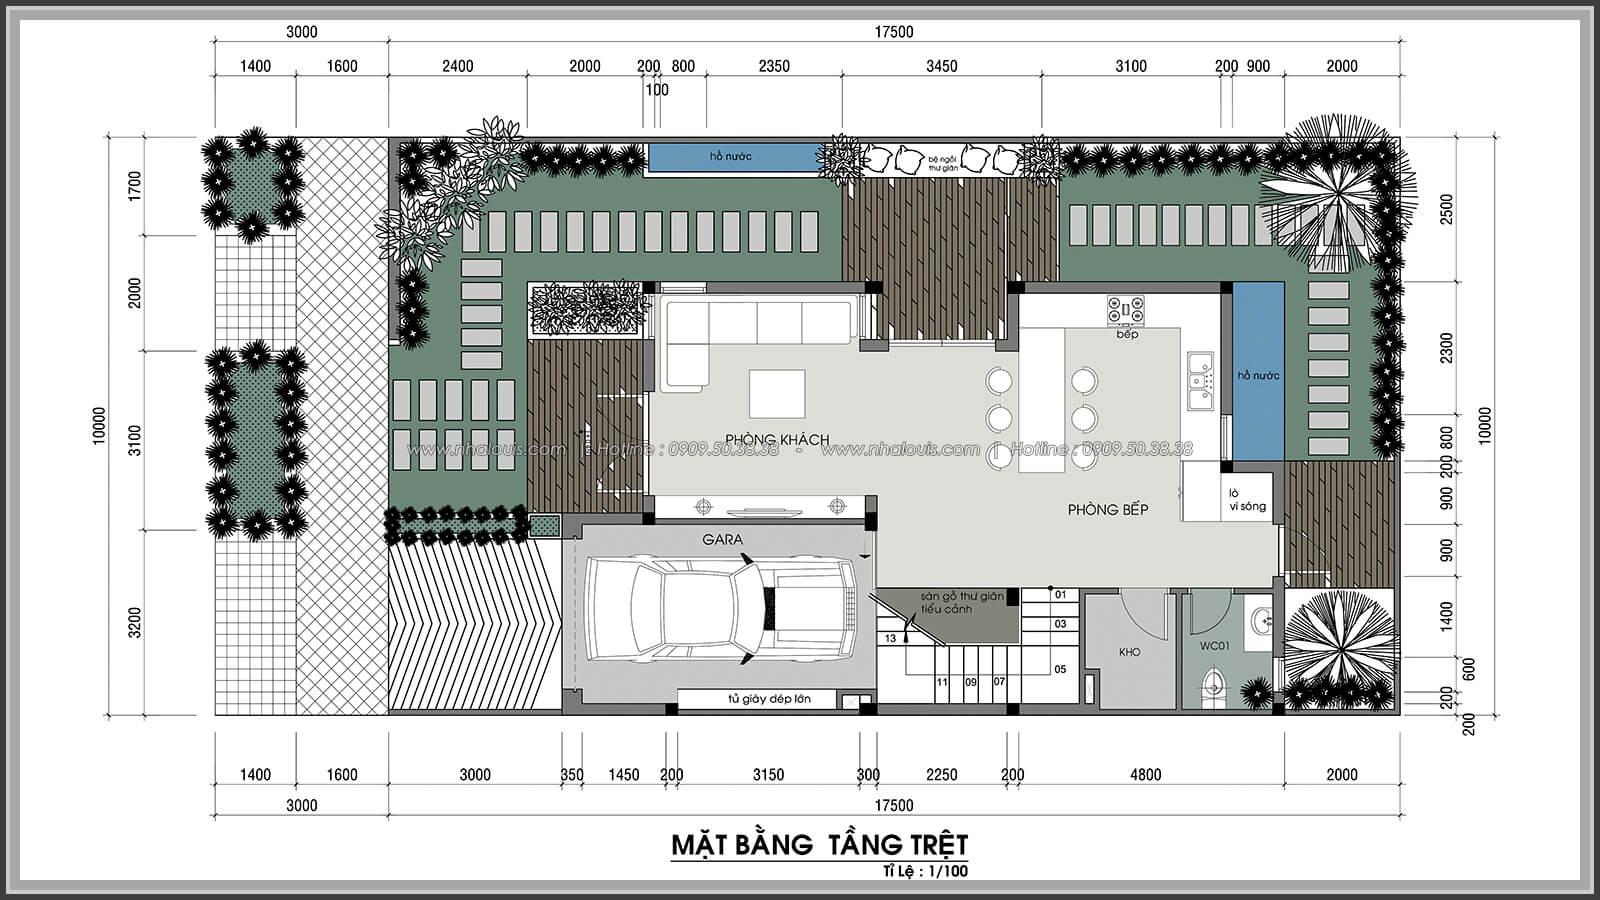 Mặt bằng tầng trệt Thiết kế nội thất biệt thự cao cấp Lucasta Villa 5 sao tại Quận 9 - 4